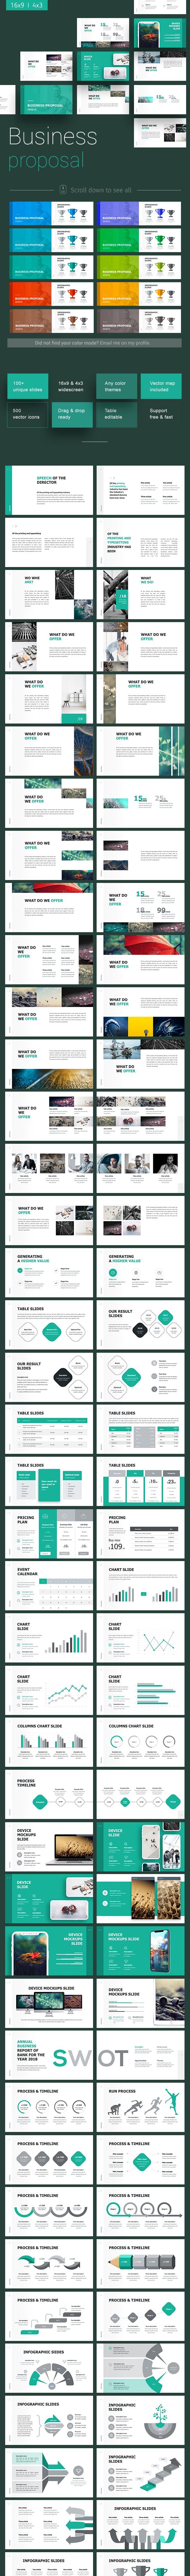 Business Proposal Google Slides Template - Google Slides Presentation Templates